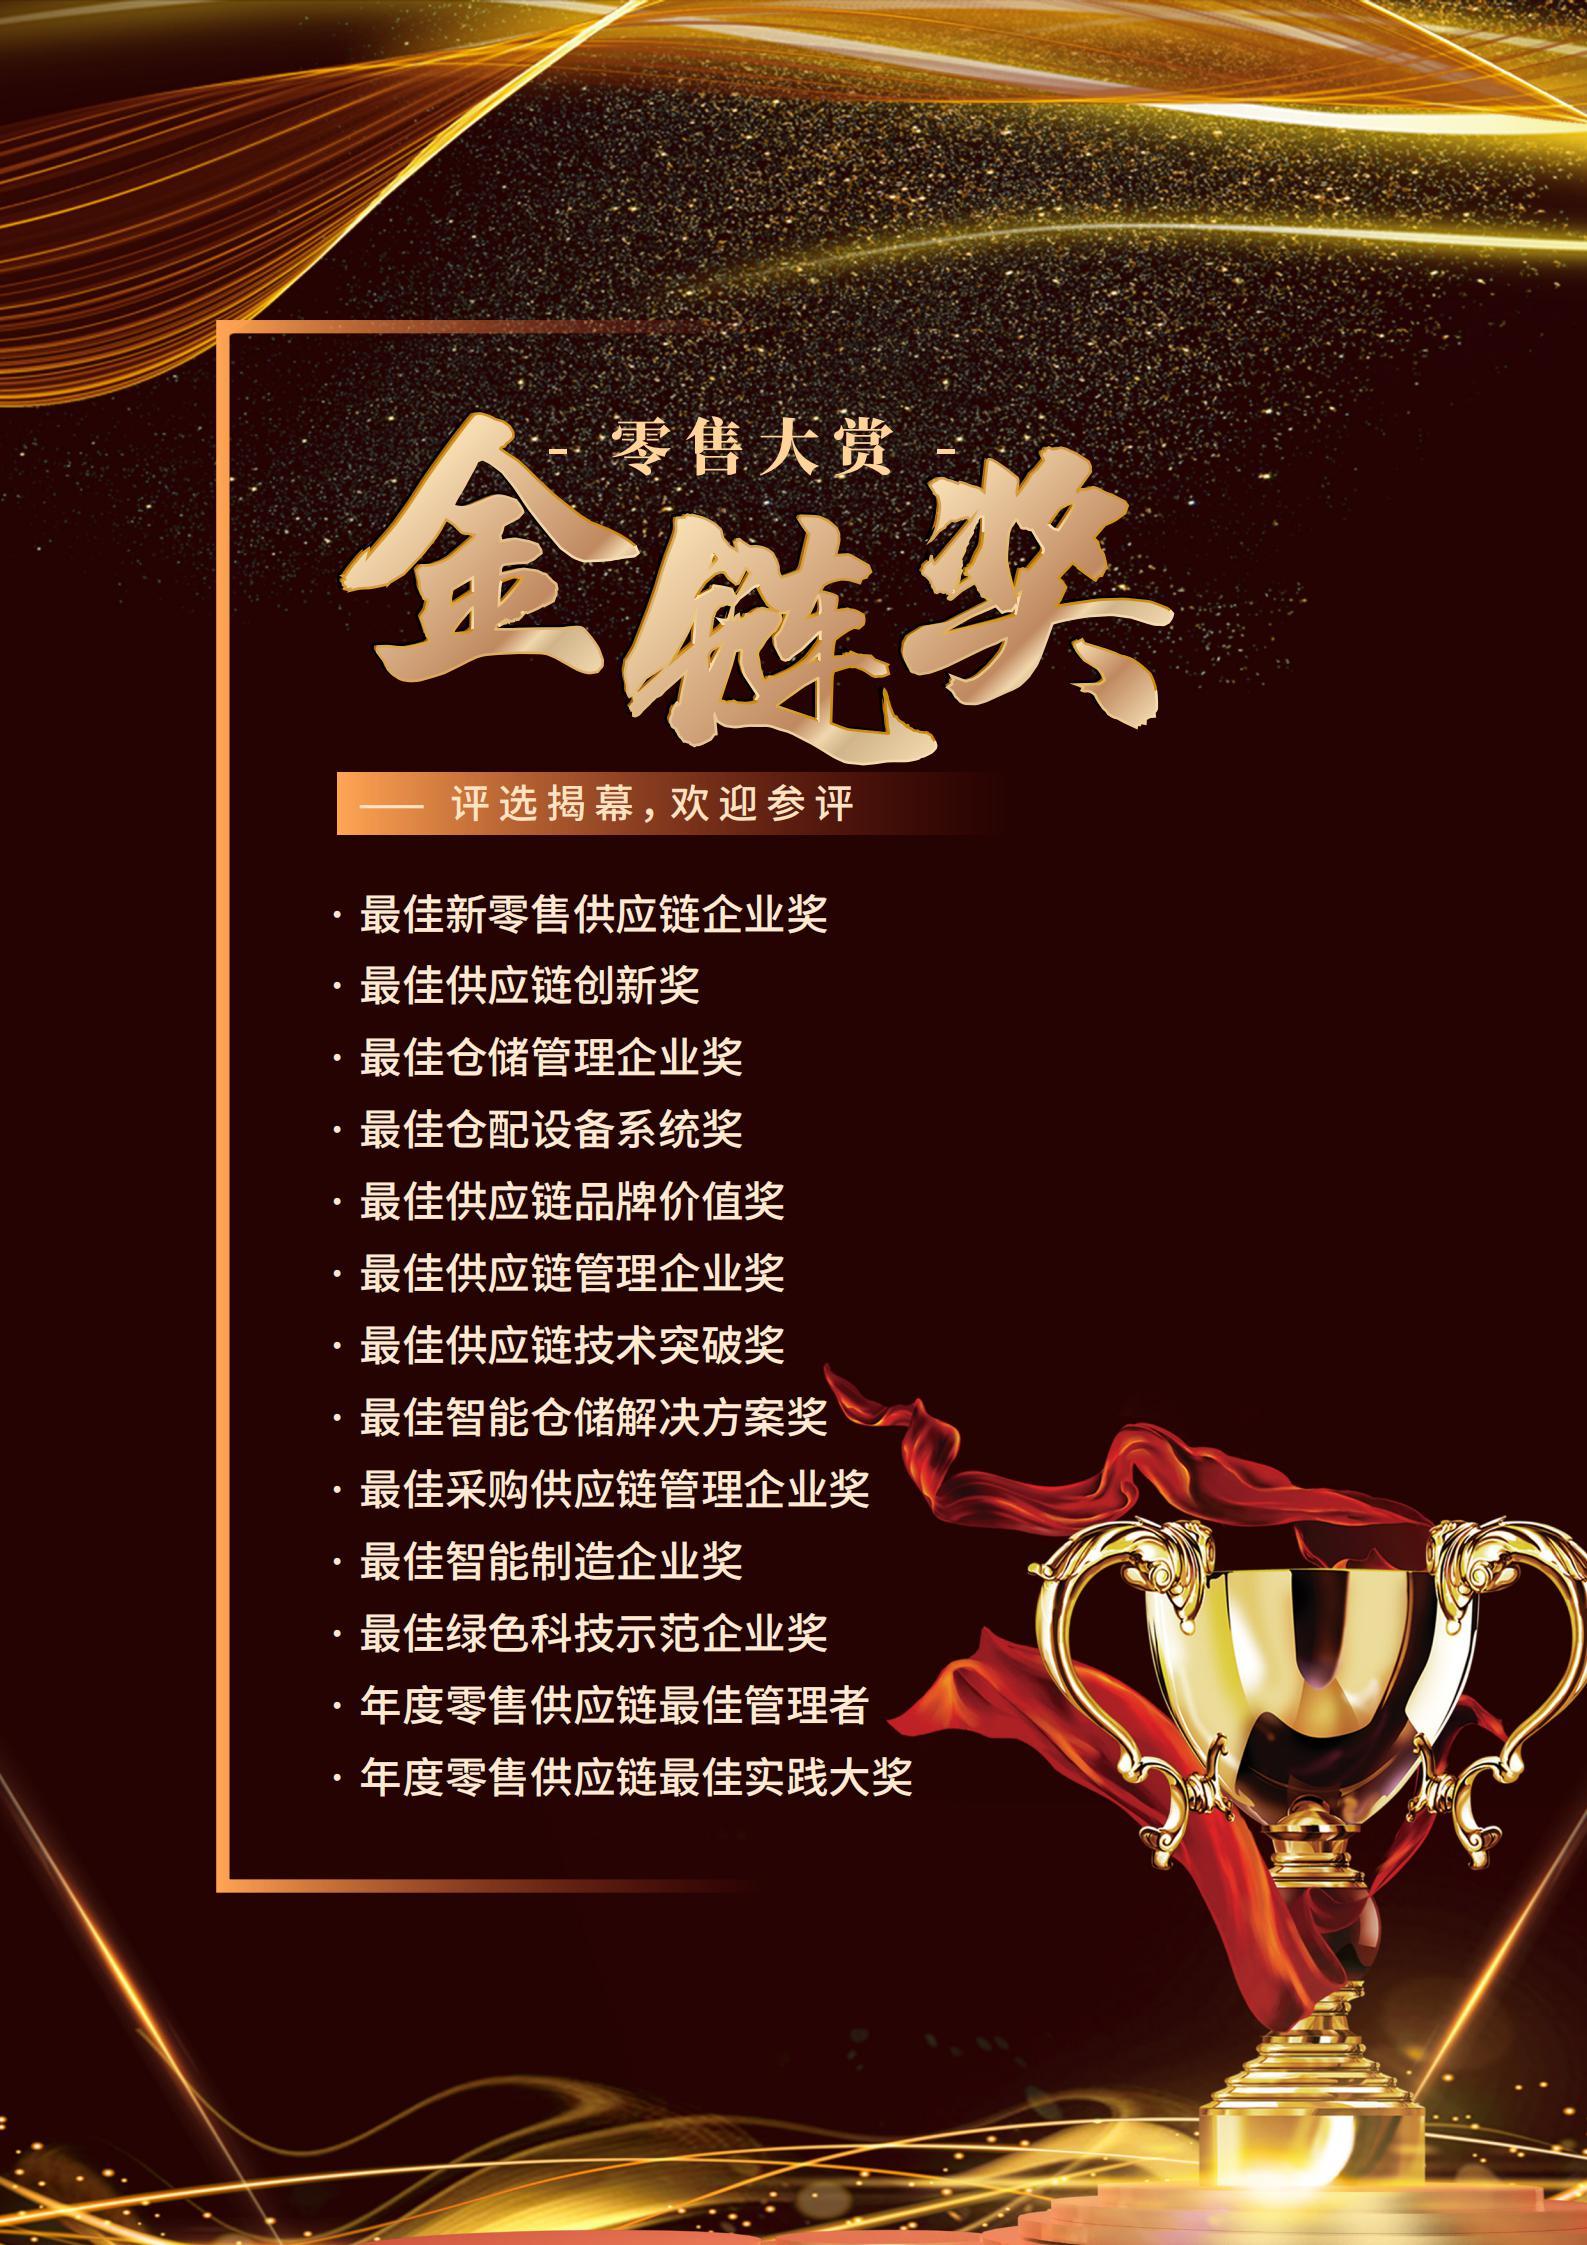 2021(第五届)中国零售供应链与物流峰会 -- 生鲜 · 食品 · 餐饮专题